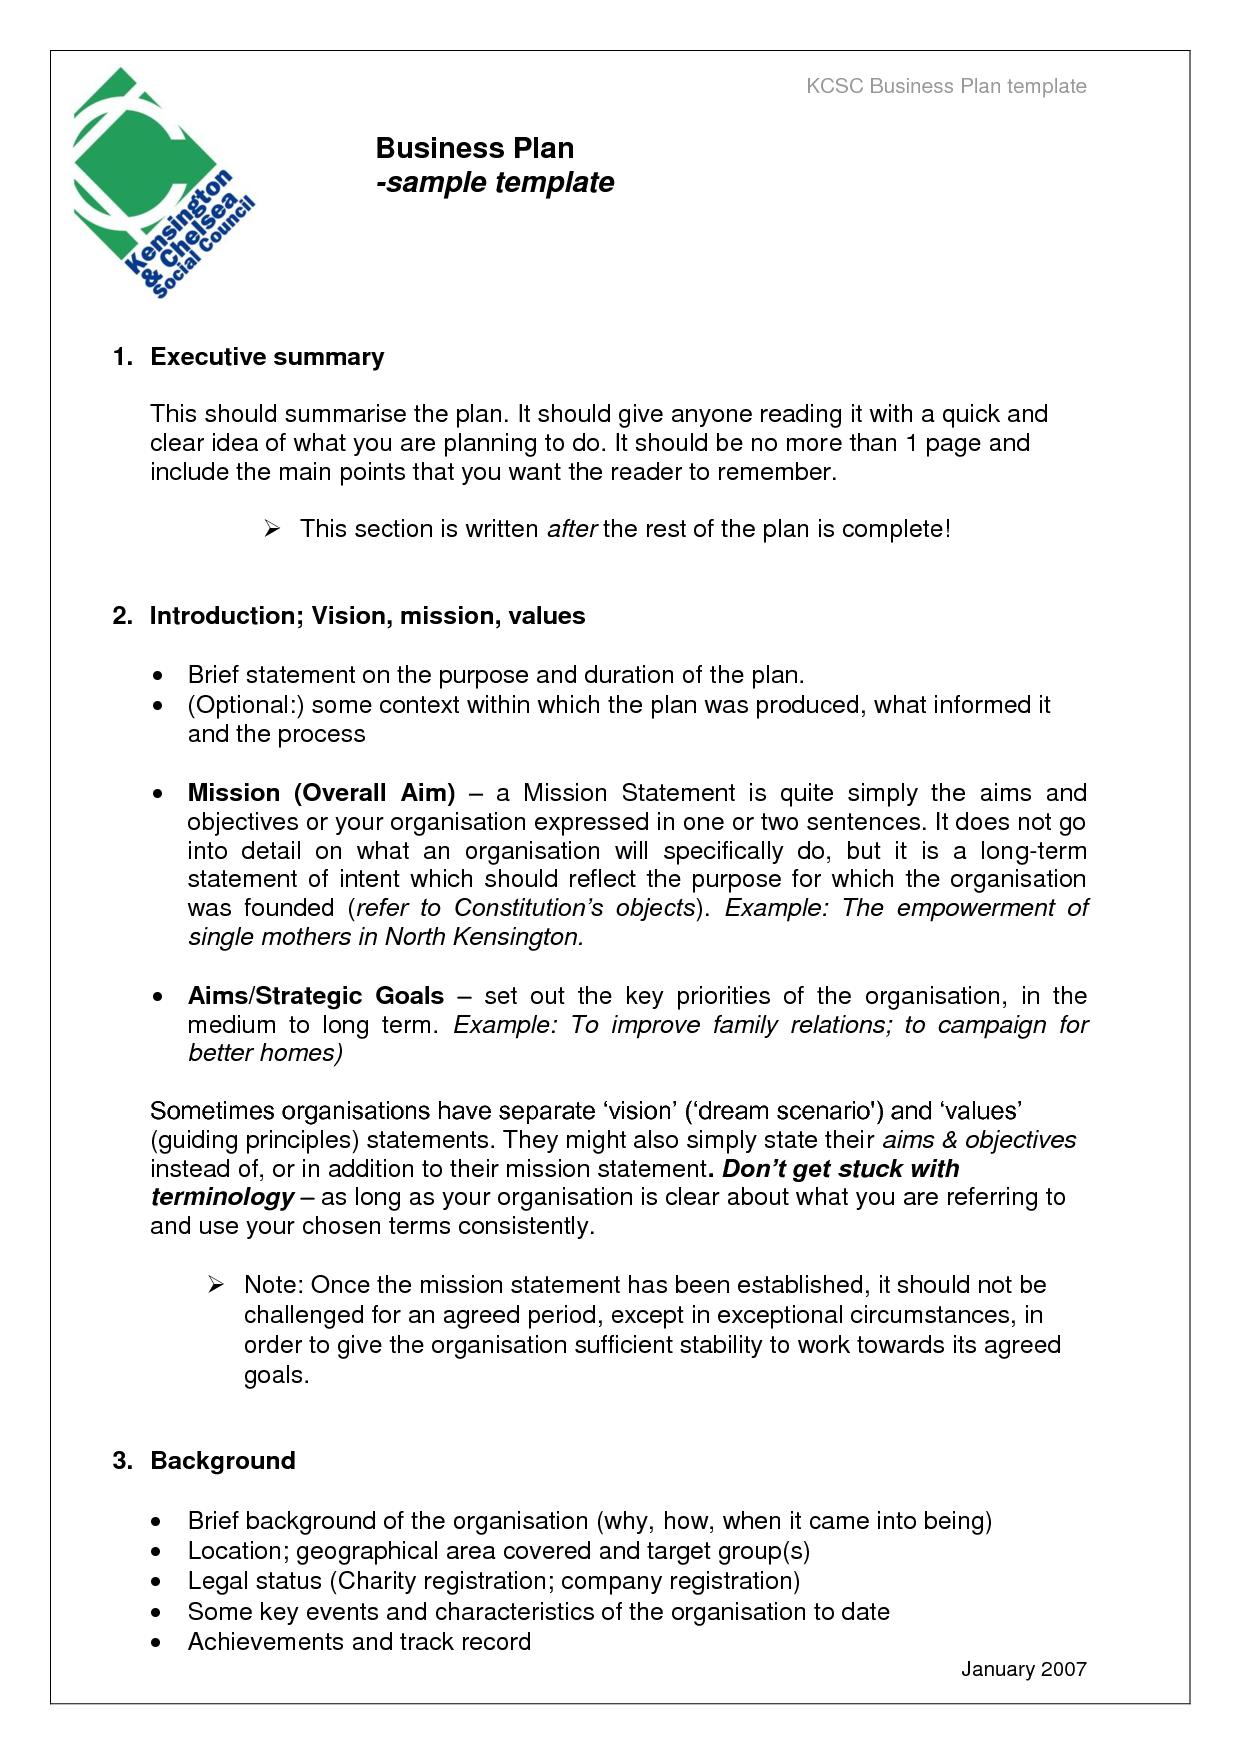 Business Templates Exles Business Plan  Desert Loft  Business Regarding Sample Business Proposal Template